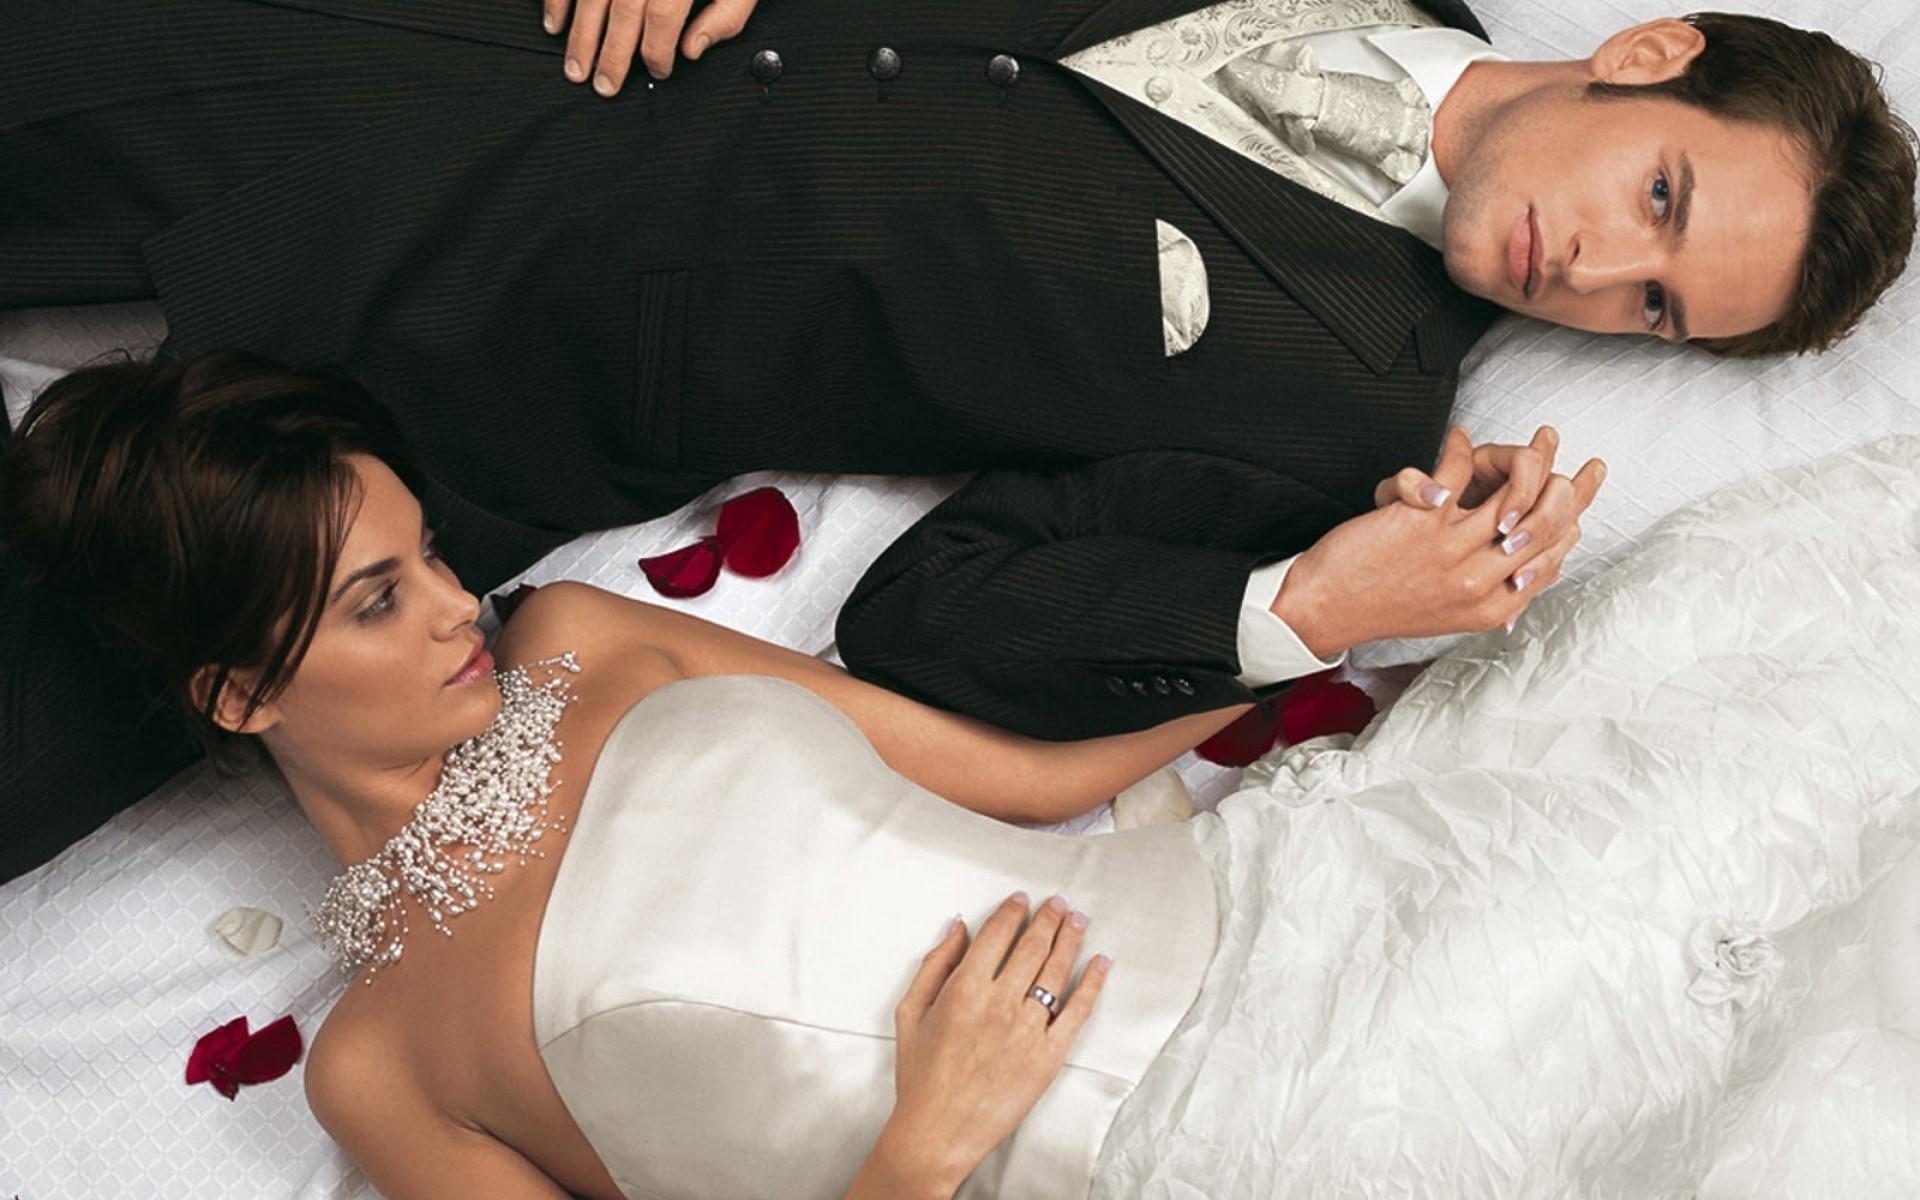 было очень перви брачни ноч и девушка связал руки